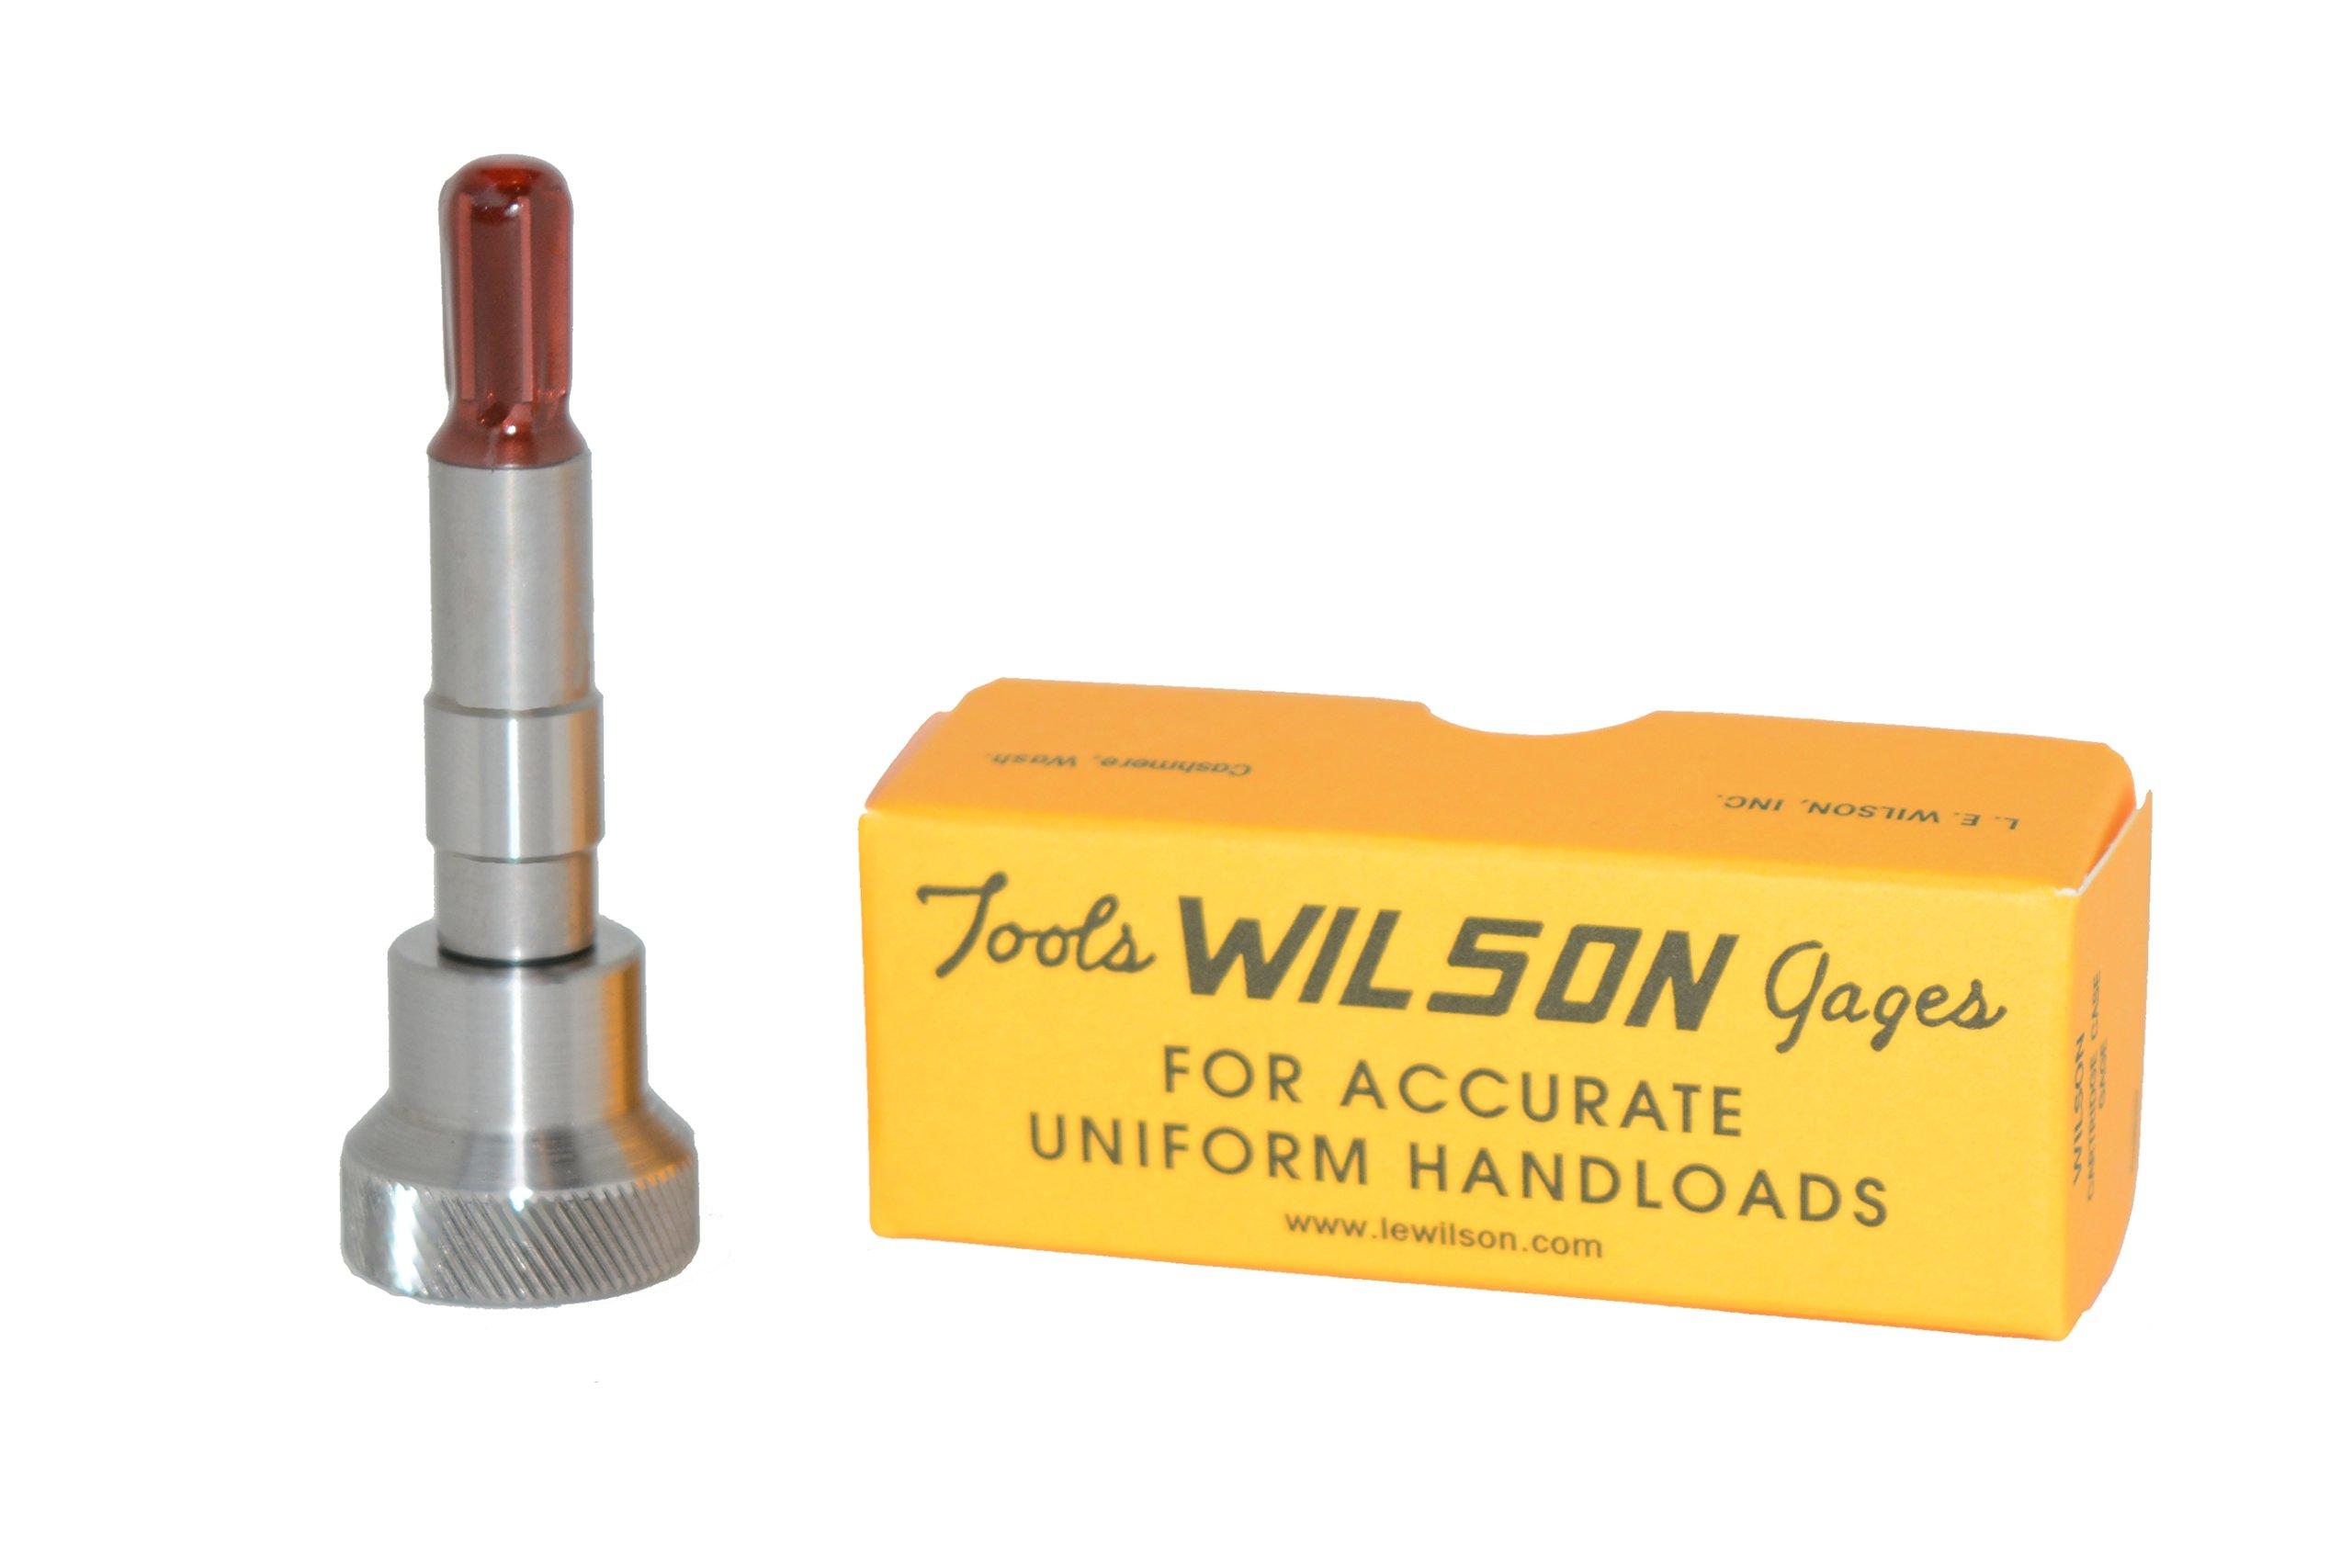 L.E. Wilson INR-220 Inside Neck Reamer for Trimmer 22 Caliber with Finish Diameter 0.2265''-0.227'', Hardened Ground Steel